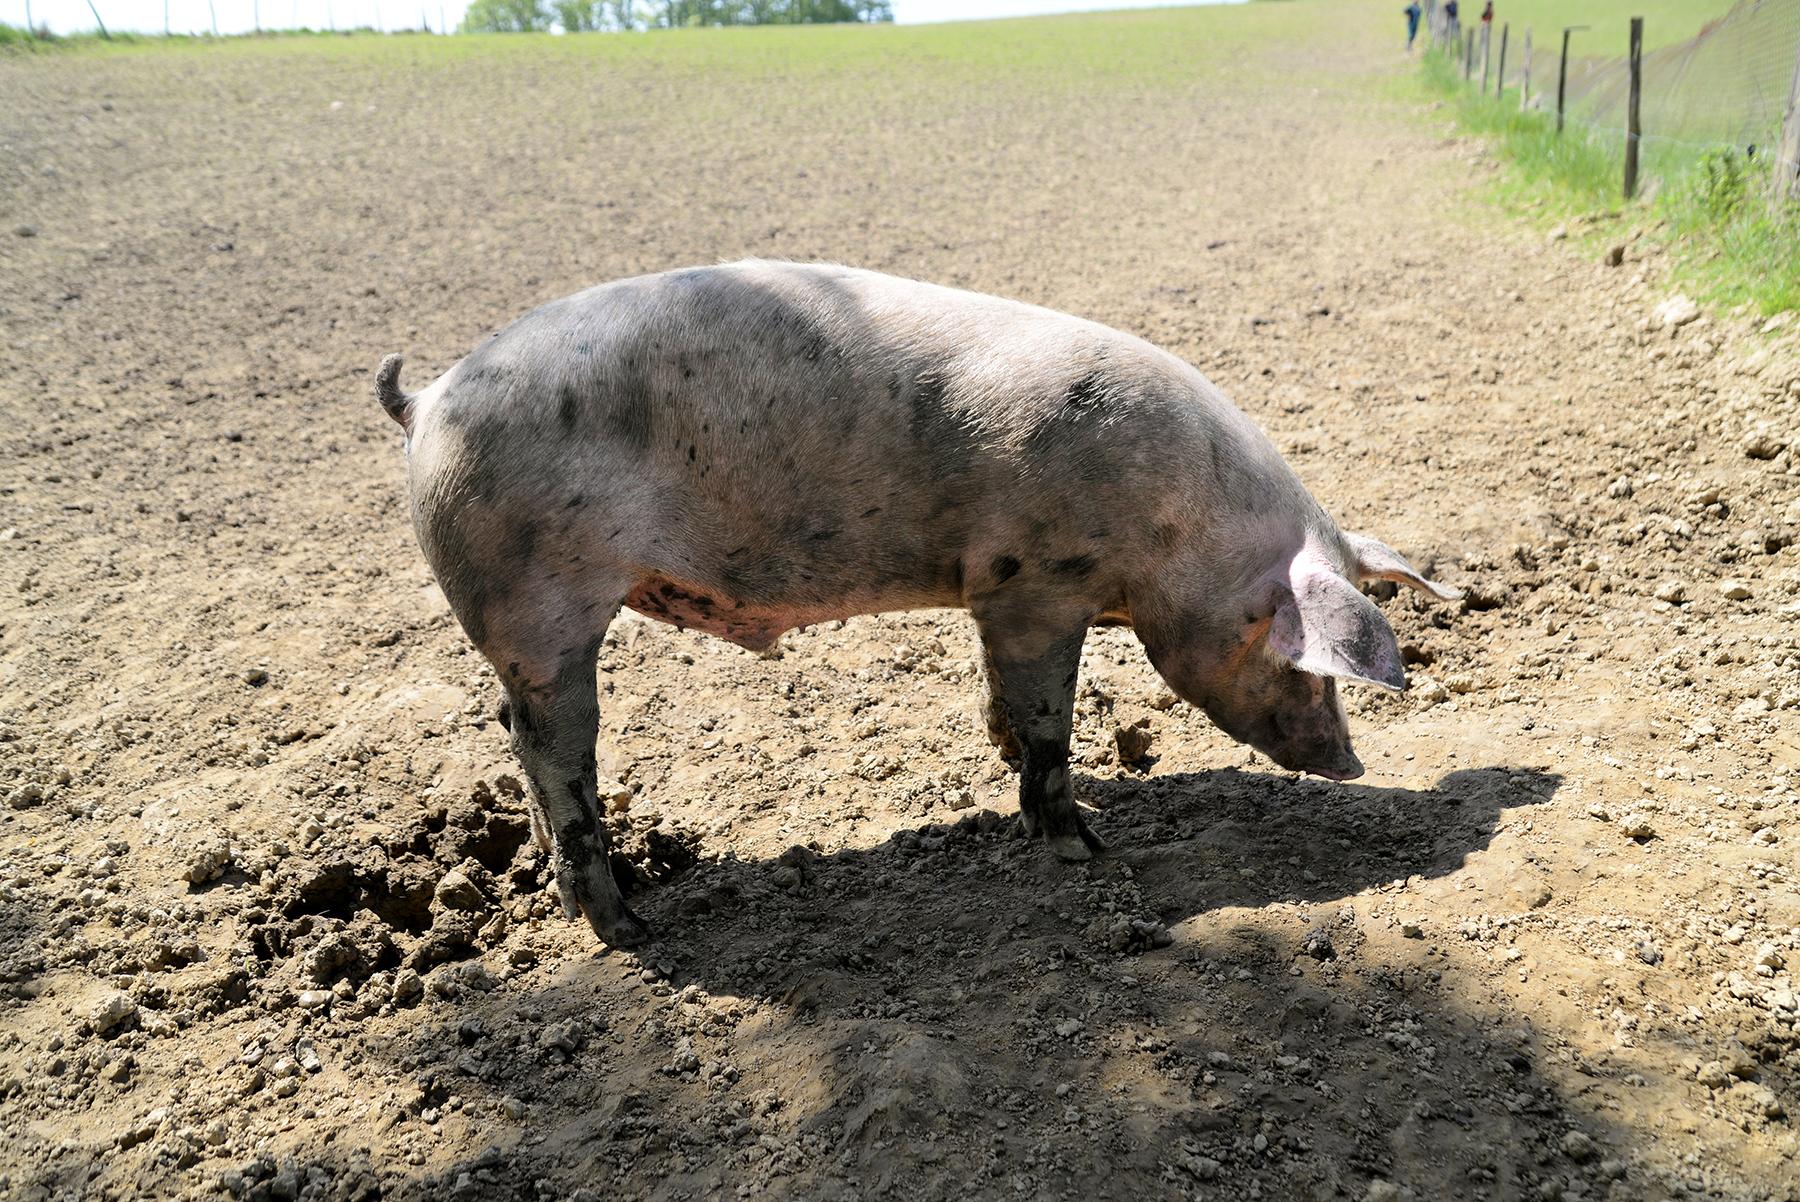 EARL_IRATZIA elevage responsable - porc air libre